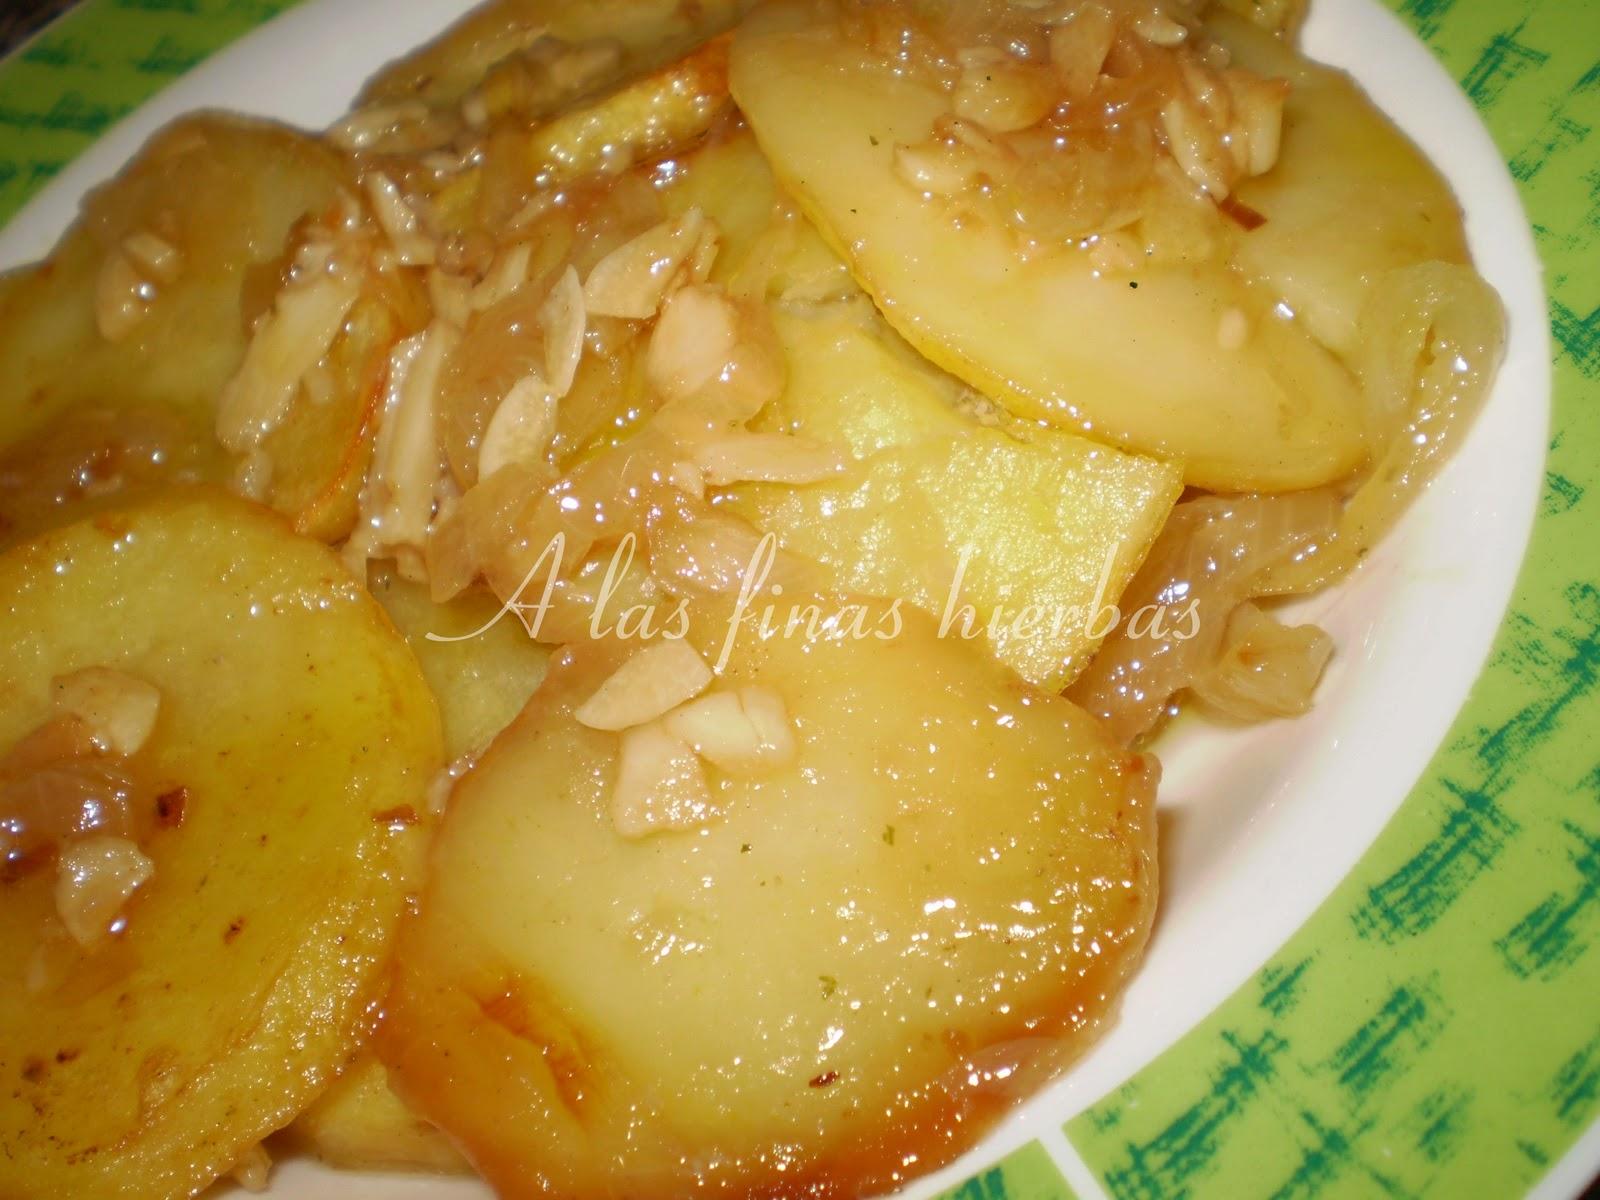 A las finas hierbas guarnici n de patatas al horno - Patatas pequenas al horno ...